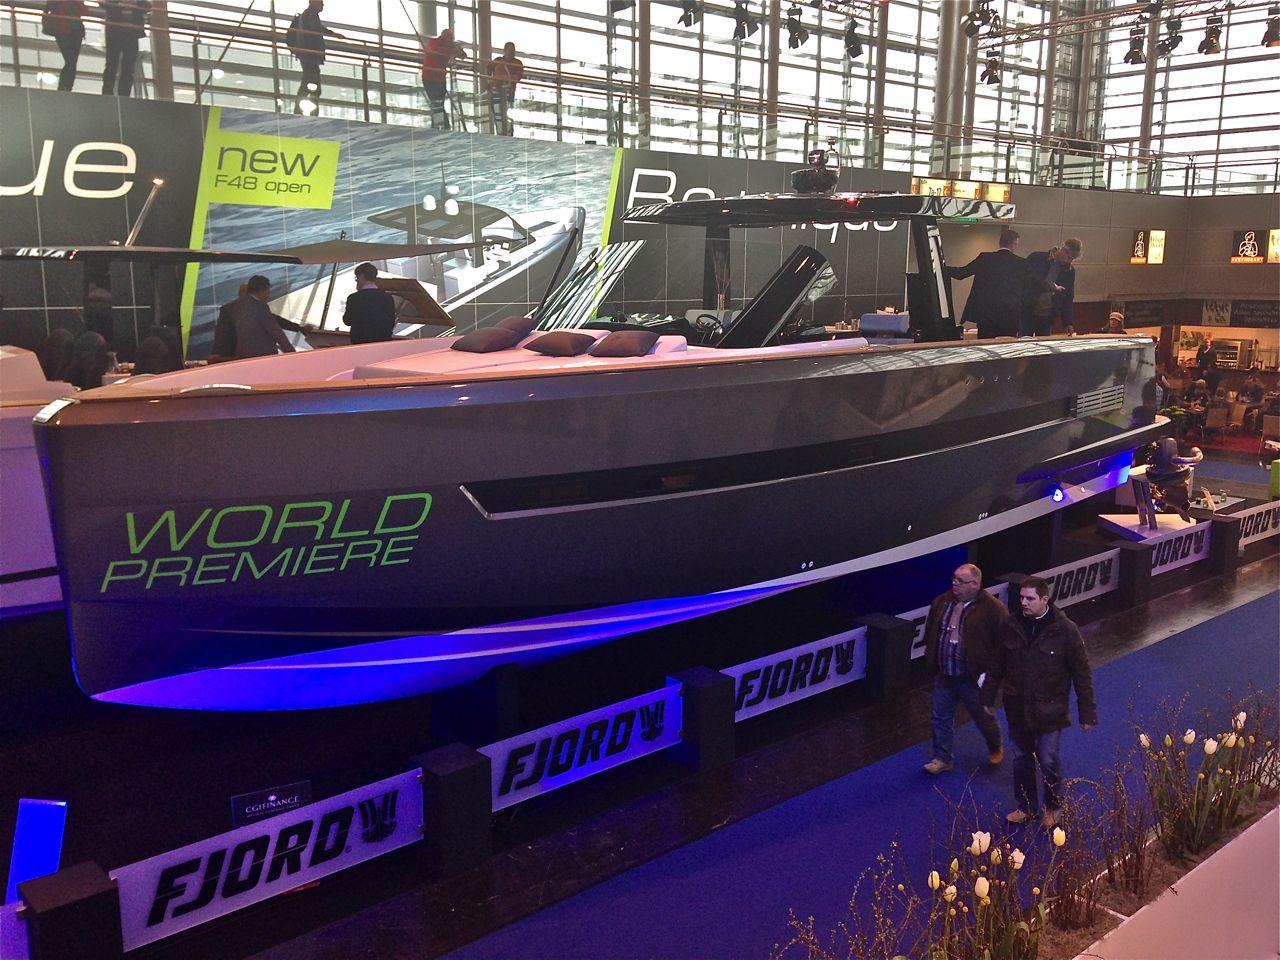 Muskel und Masse: Die neue Fjord 48 Open ist schwer zu übersehen. Foto: Dieter Loibner/boats.com